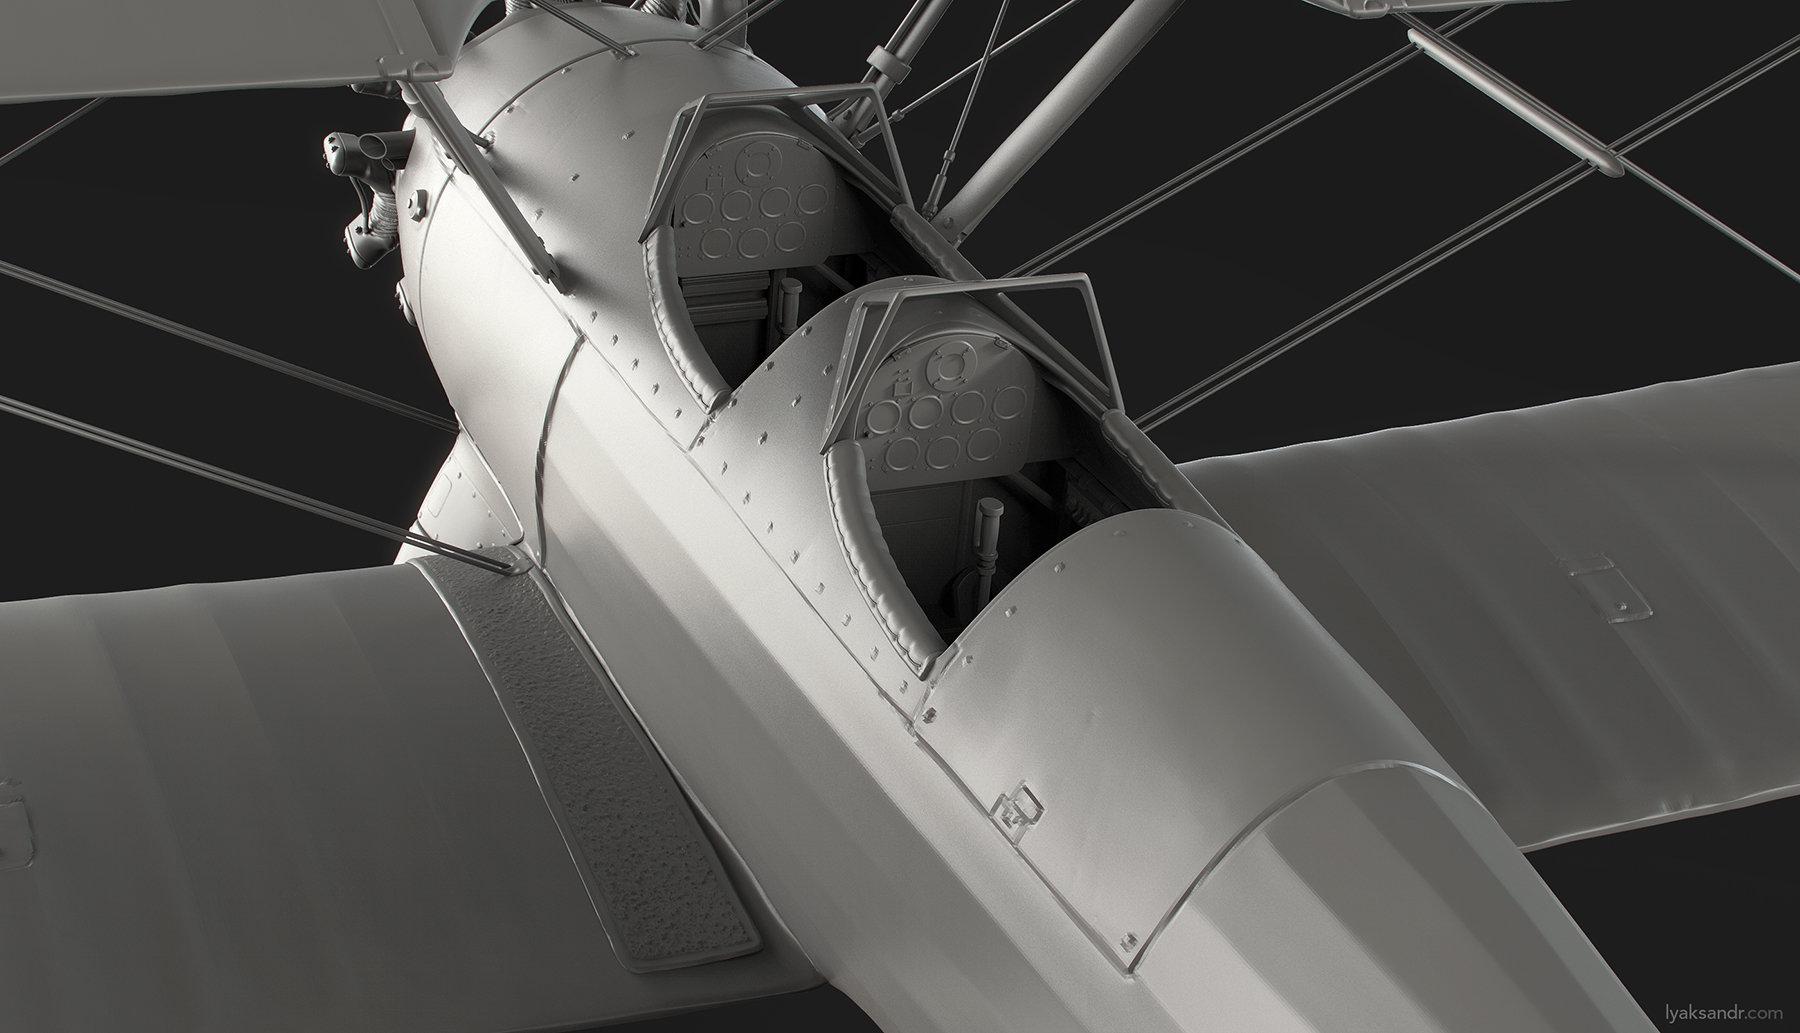 Lyaksandr prelle tworek stearman hp detail